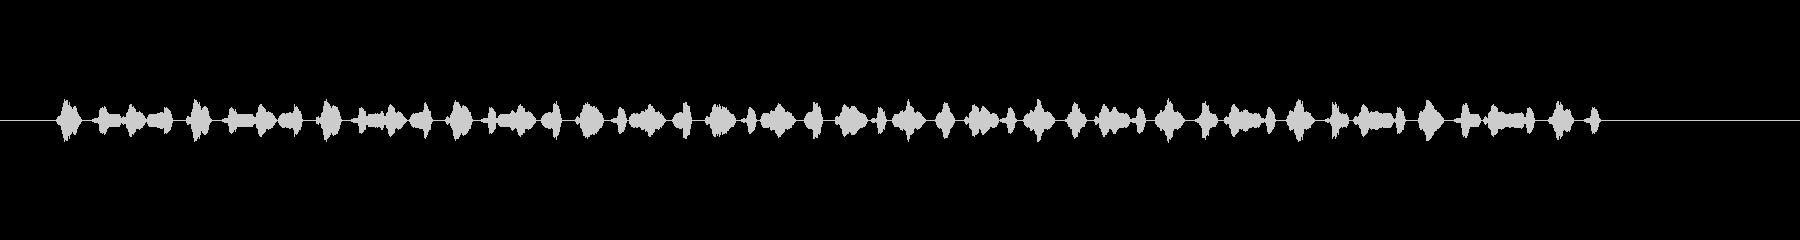 【サイバー20-3】の未再生の波形